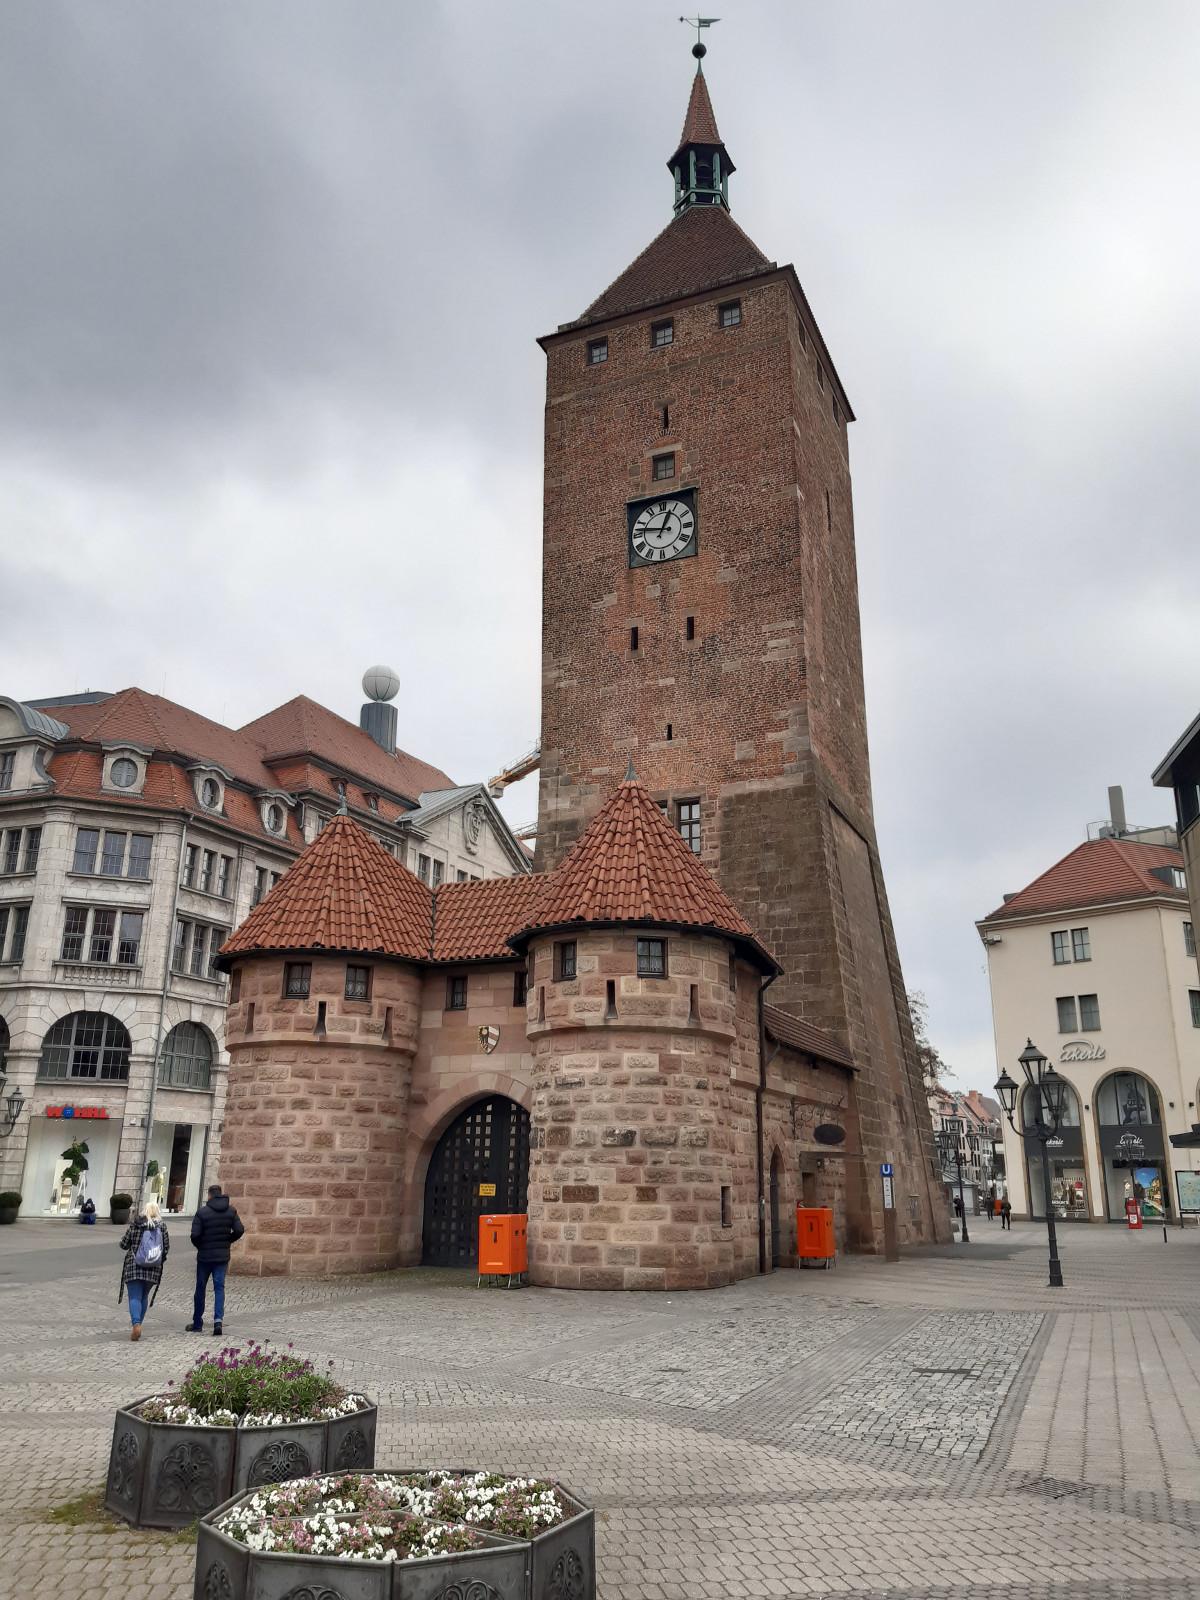 2021-05-01-03-50-00-10WeisserTurm.jpg - Atelier Haberbosch Nürnberg